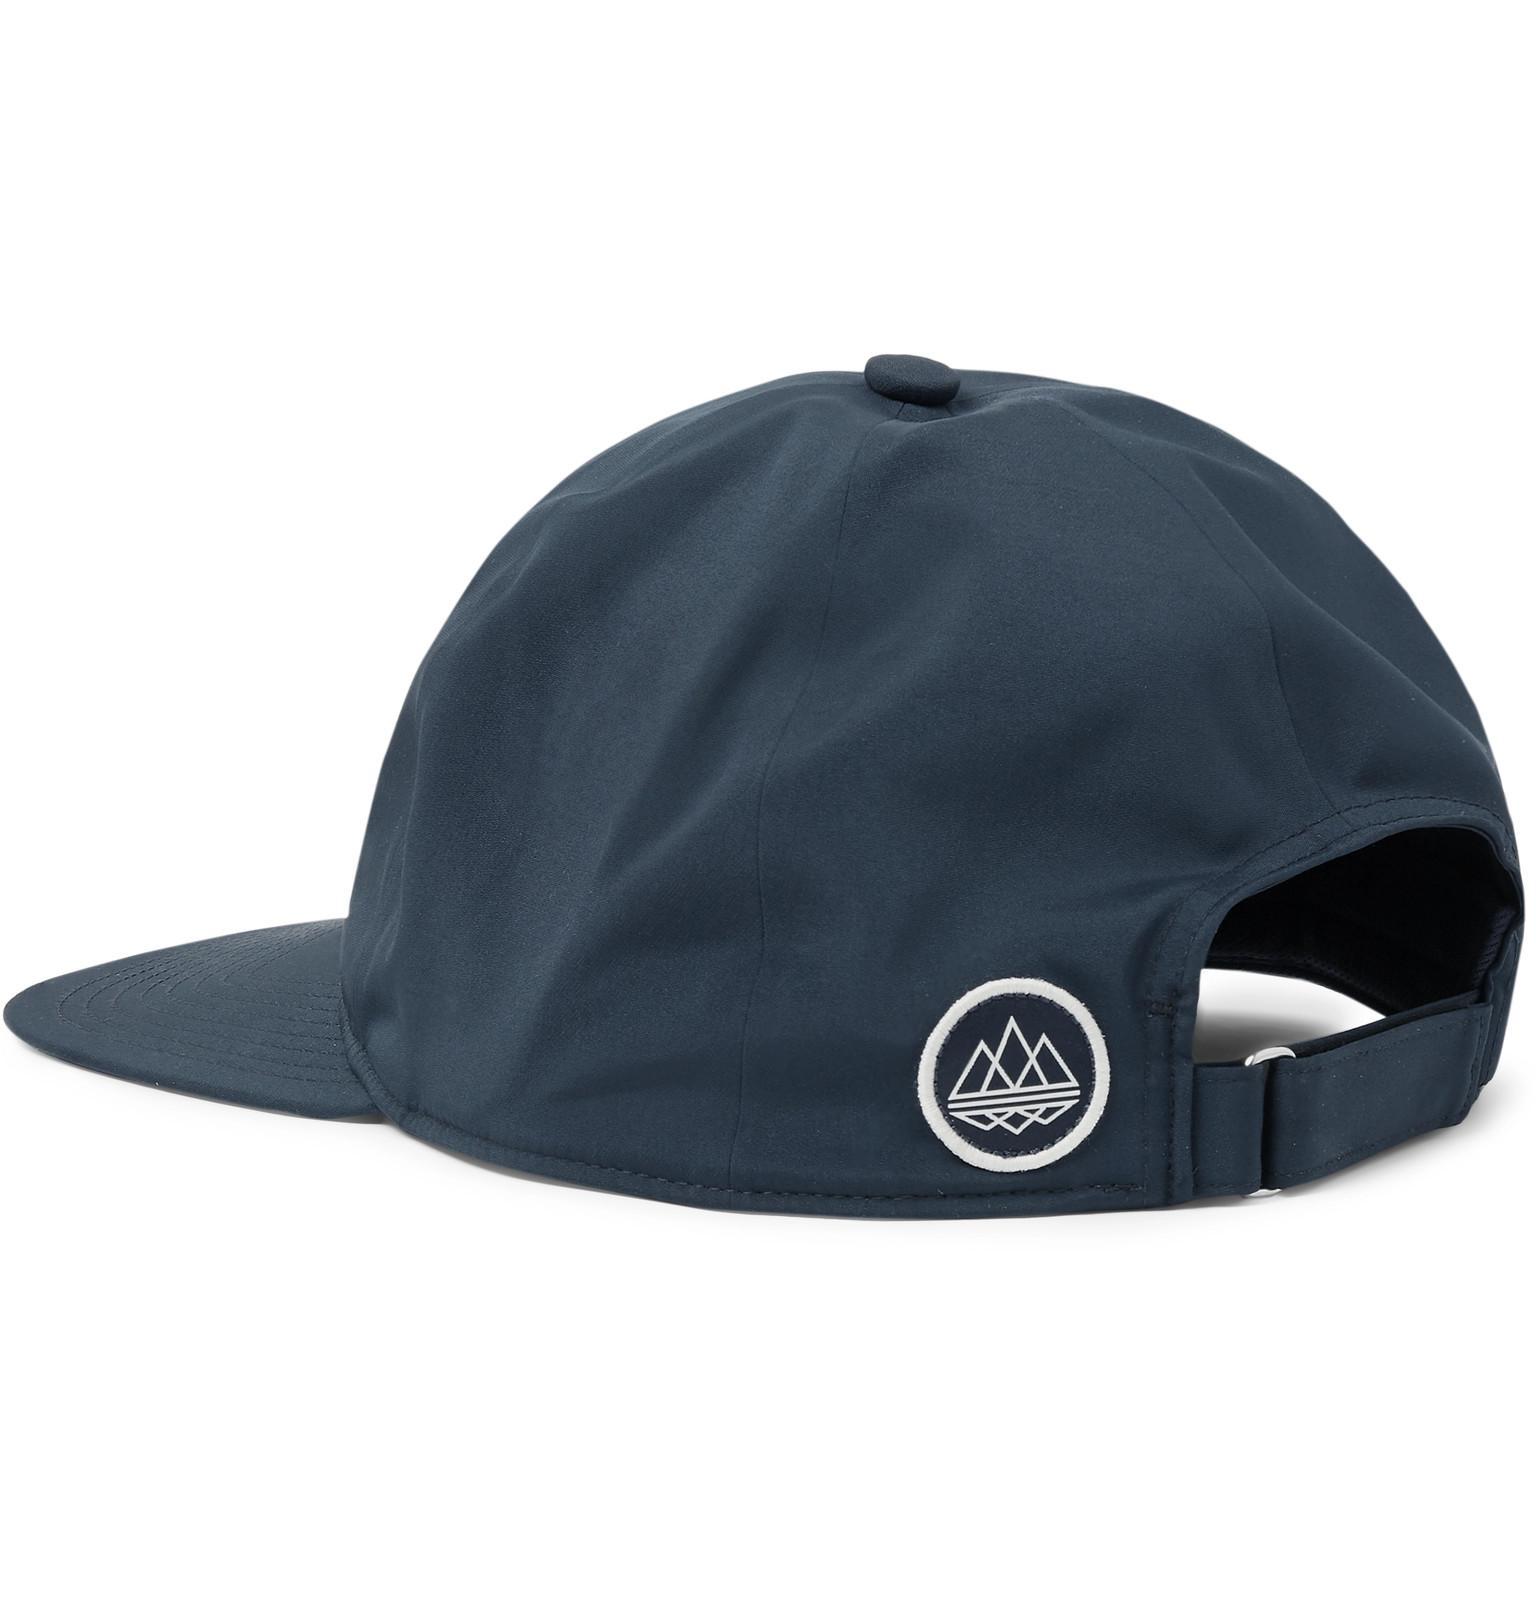 28cf57333 adidas Originals Spezial Logo-appliquéd Stretch-shell Baseball Cap ...